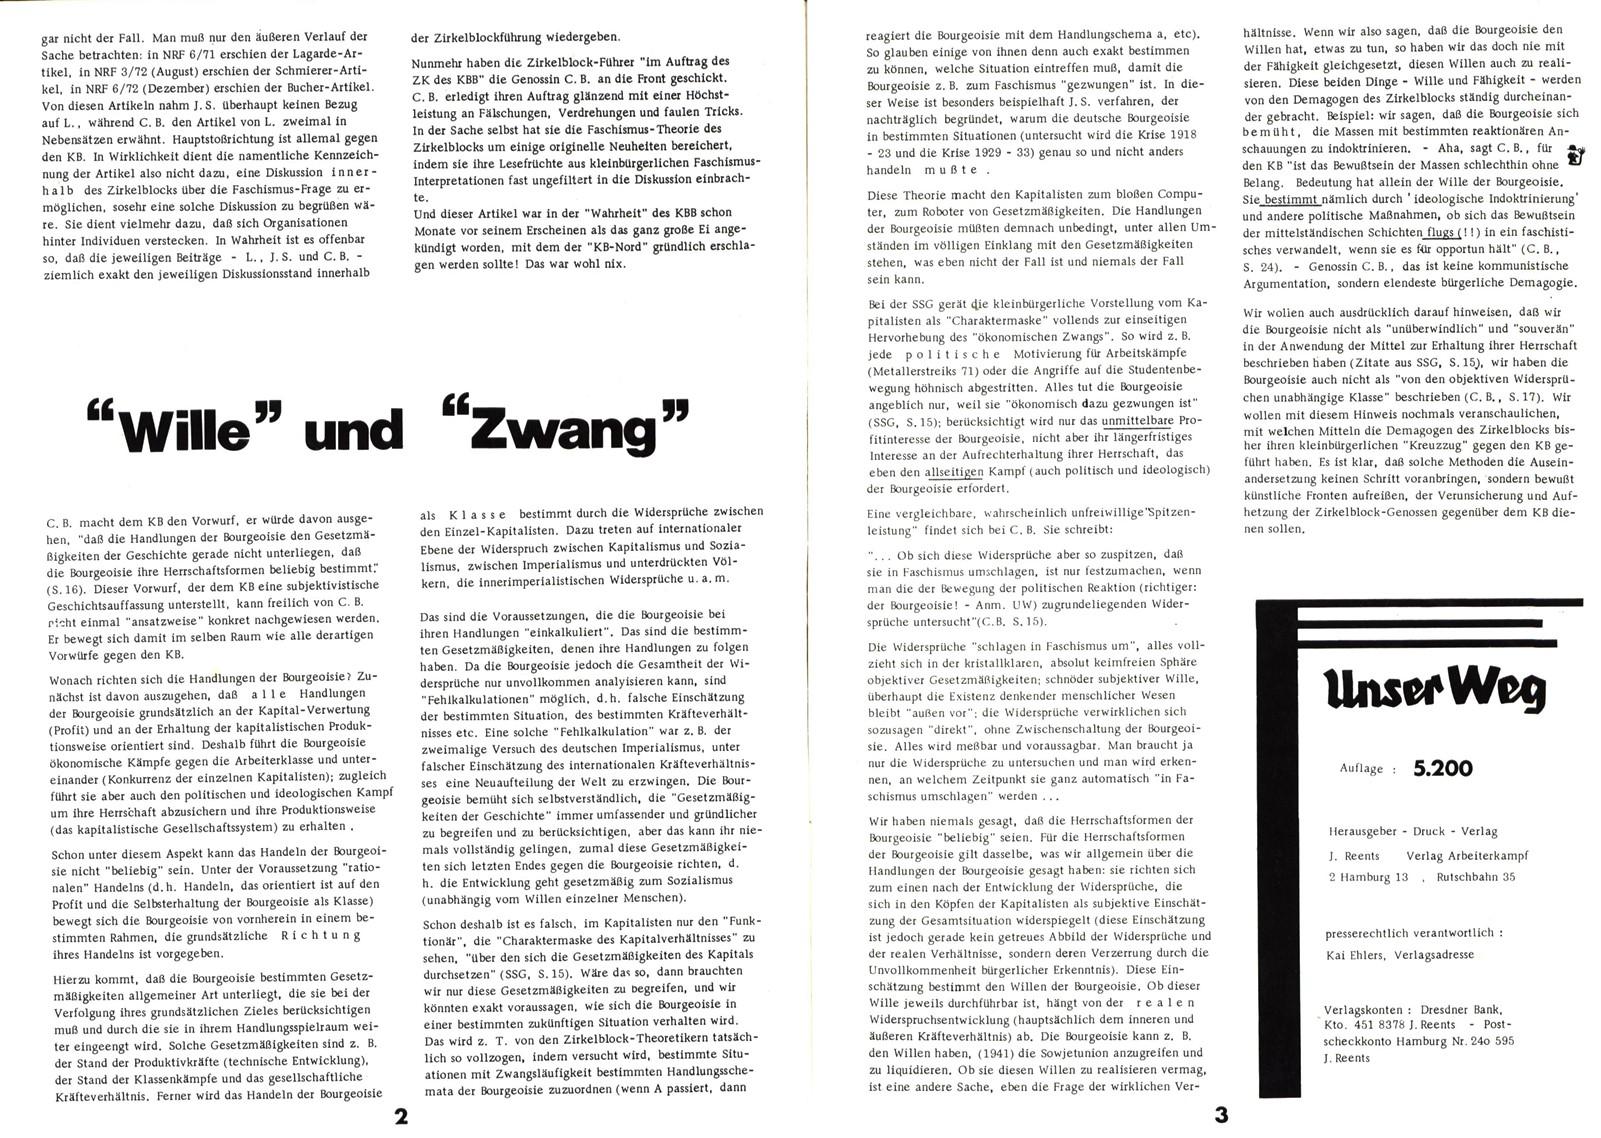 KB_Unser_Weg_1973_19_02